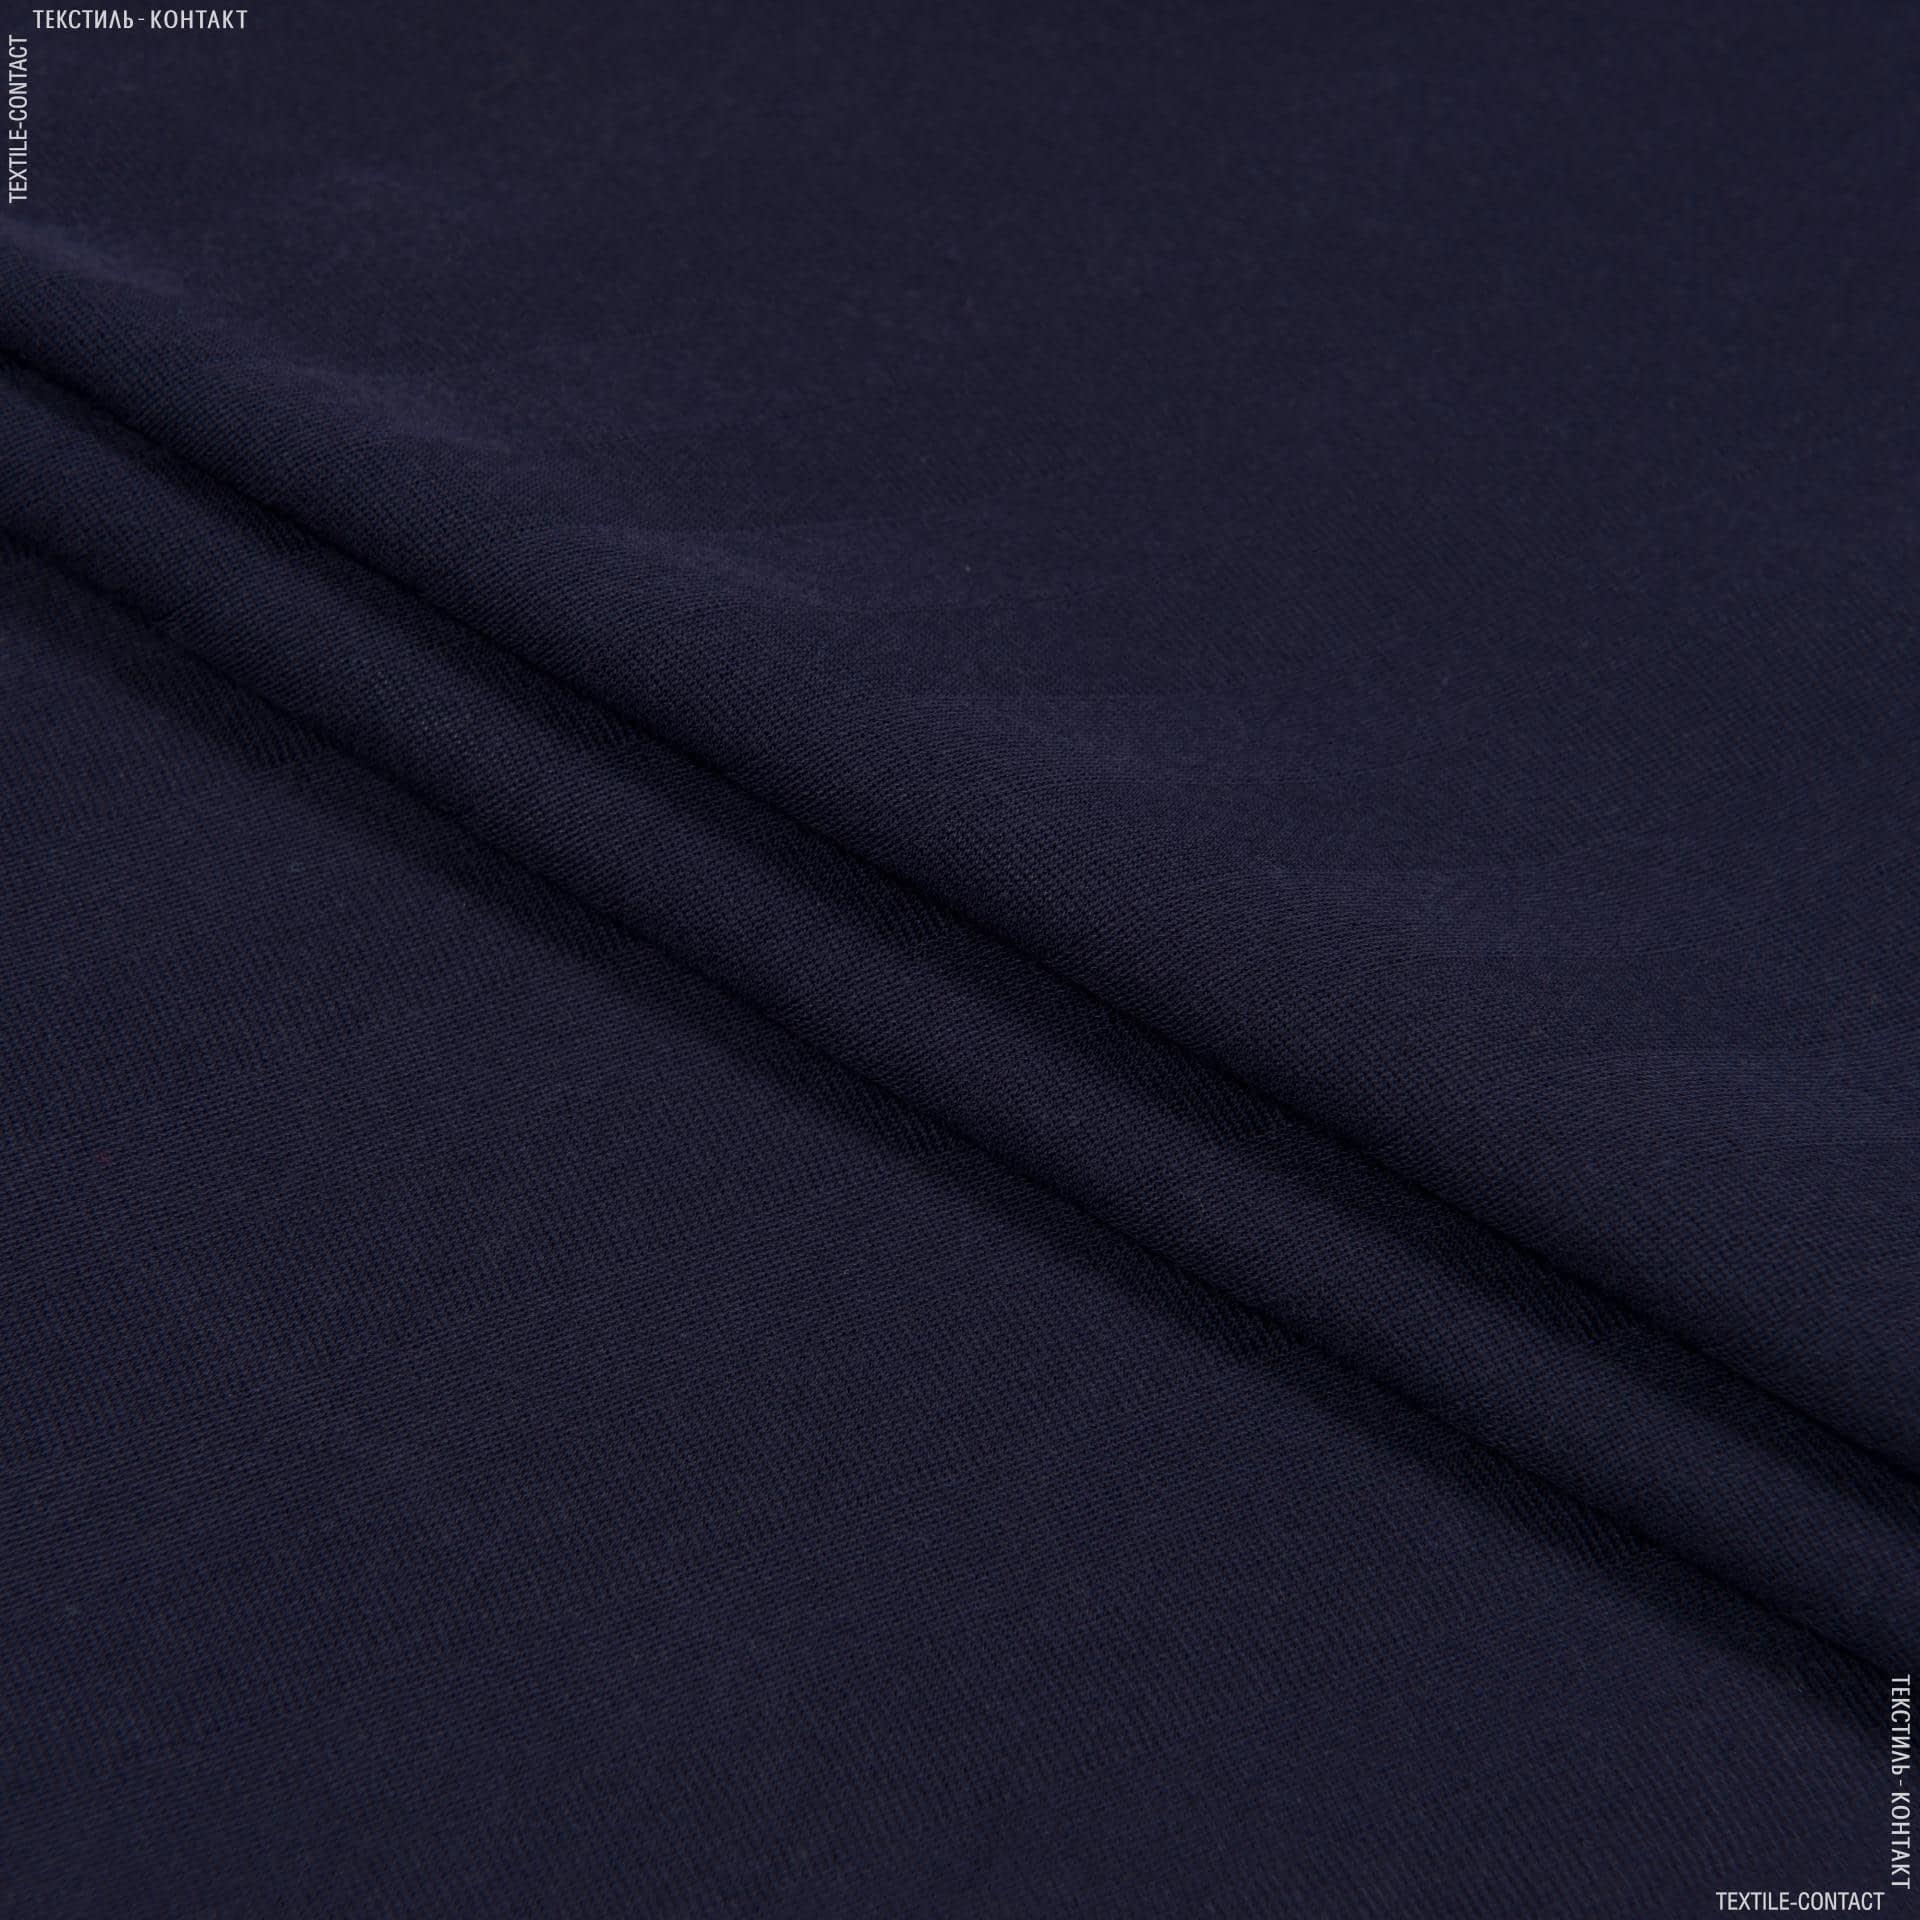 Тканини підкладкова тканина - Трикотаж підкладковий темно-фіолетовий